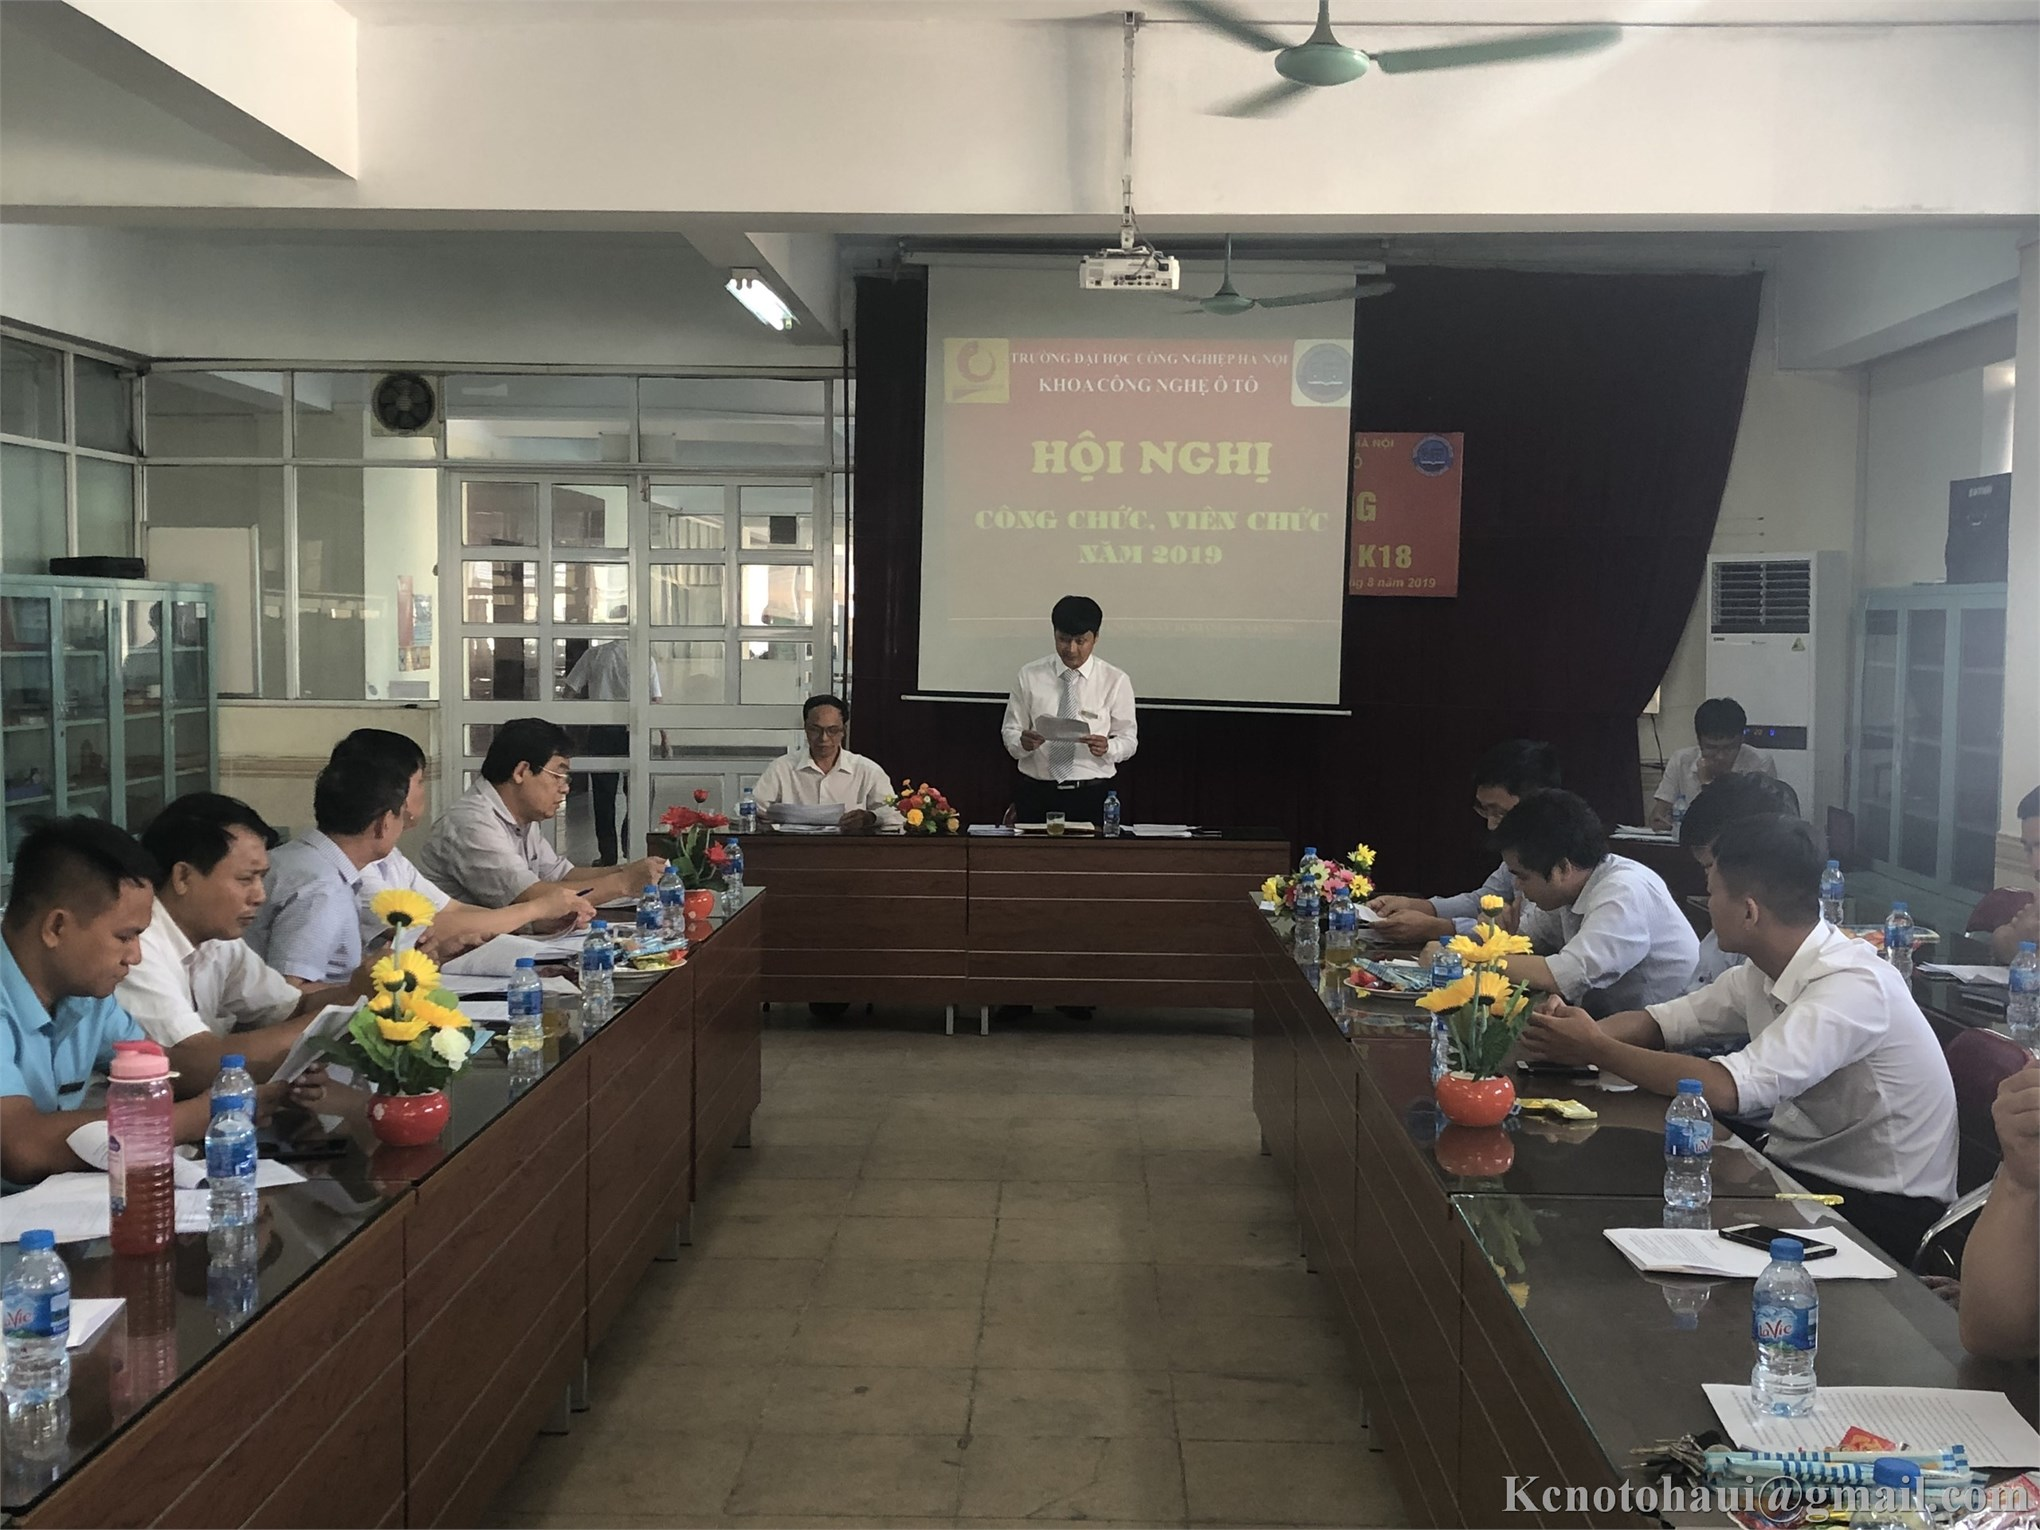 Hội nghị công chức, viên chức Khoa công nghệ ôtô tổng kết năm học 2018-2019 và triển khai nhiệm vụ năm học 2019-2020.